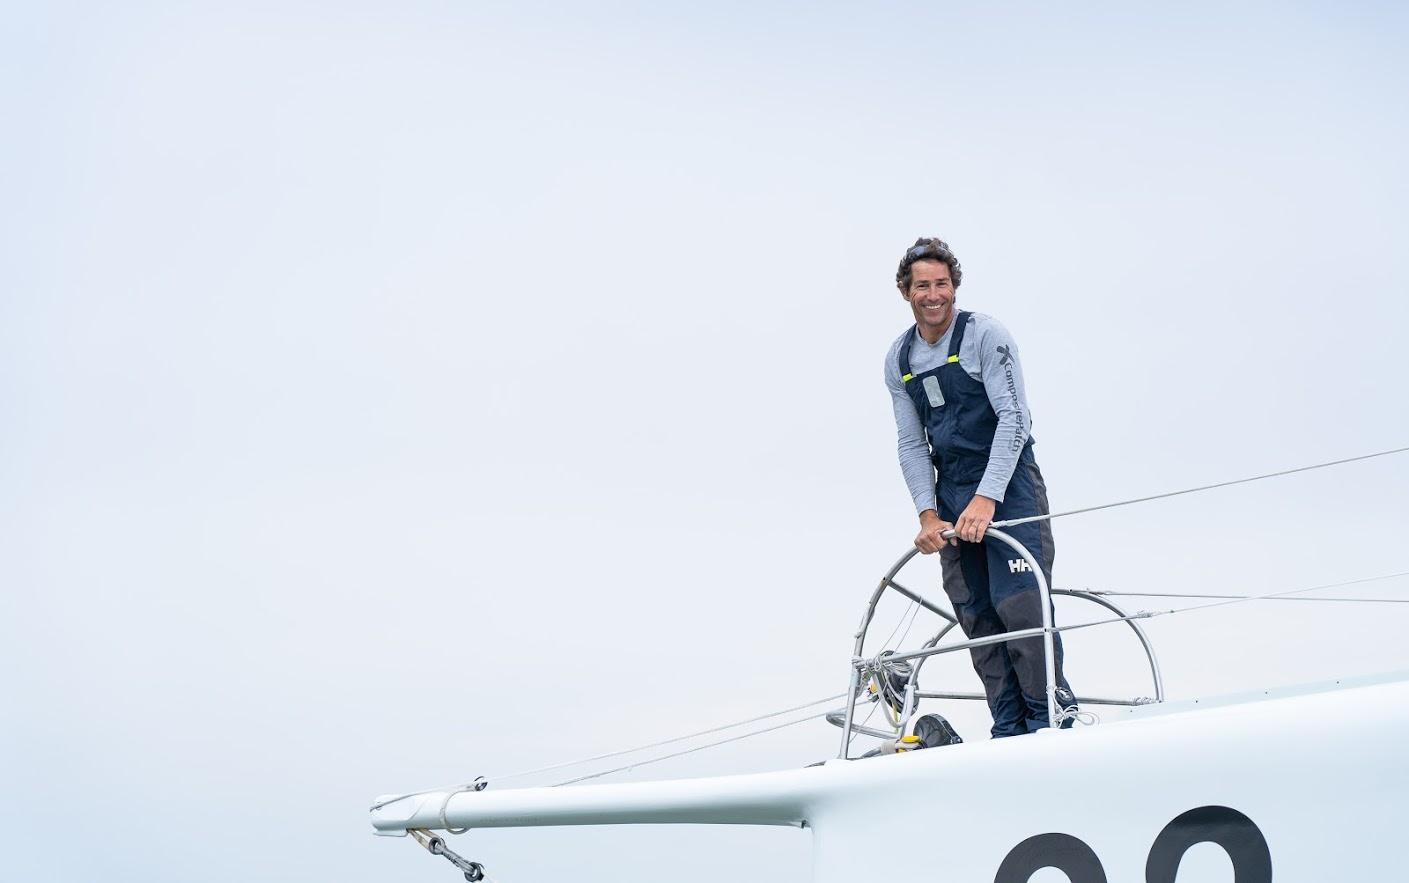 Skipper Clément Giraud - Imoca Vers un monde sans Sida 83 © Maxime.Mergalet